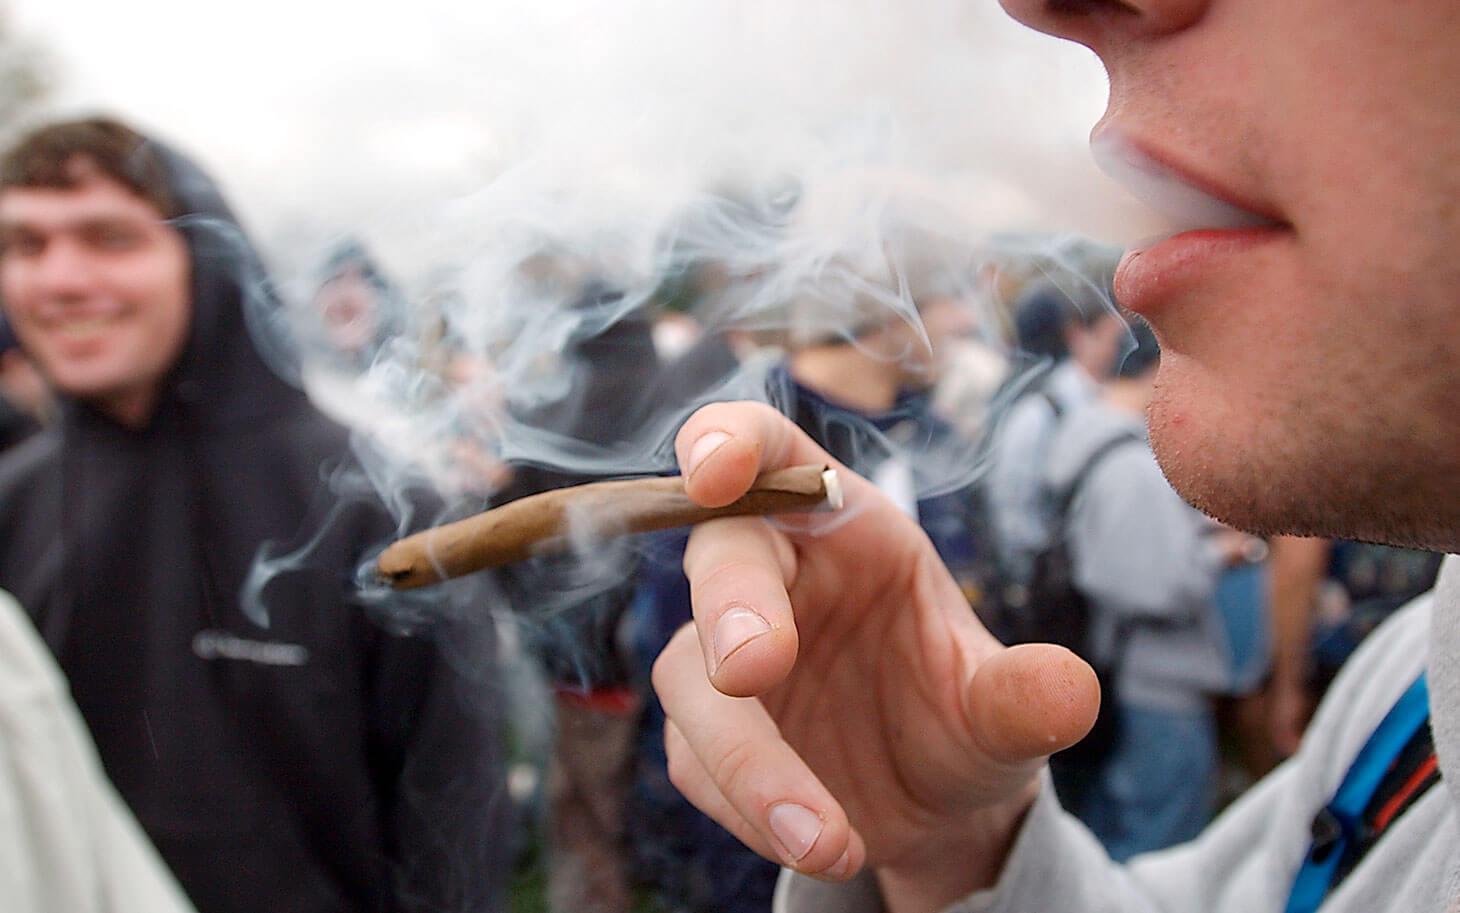 Los jóvenes chilenos son los mayores consumidores de marihuana y cocaína de Latinoamérica